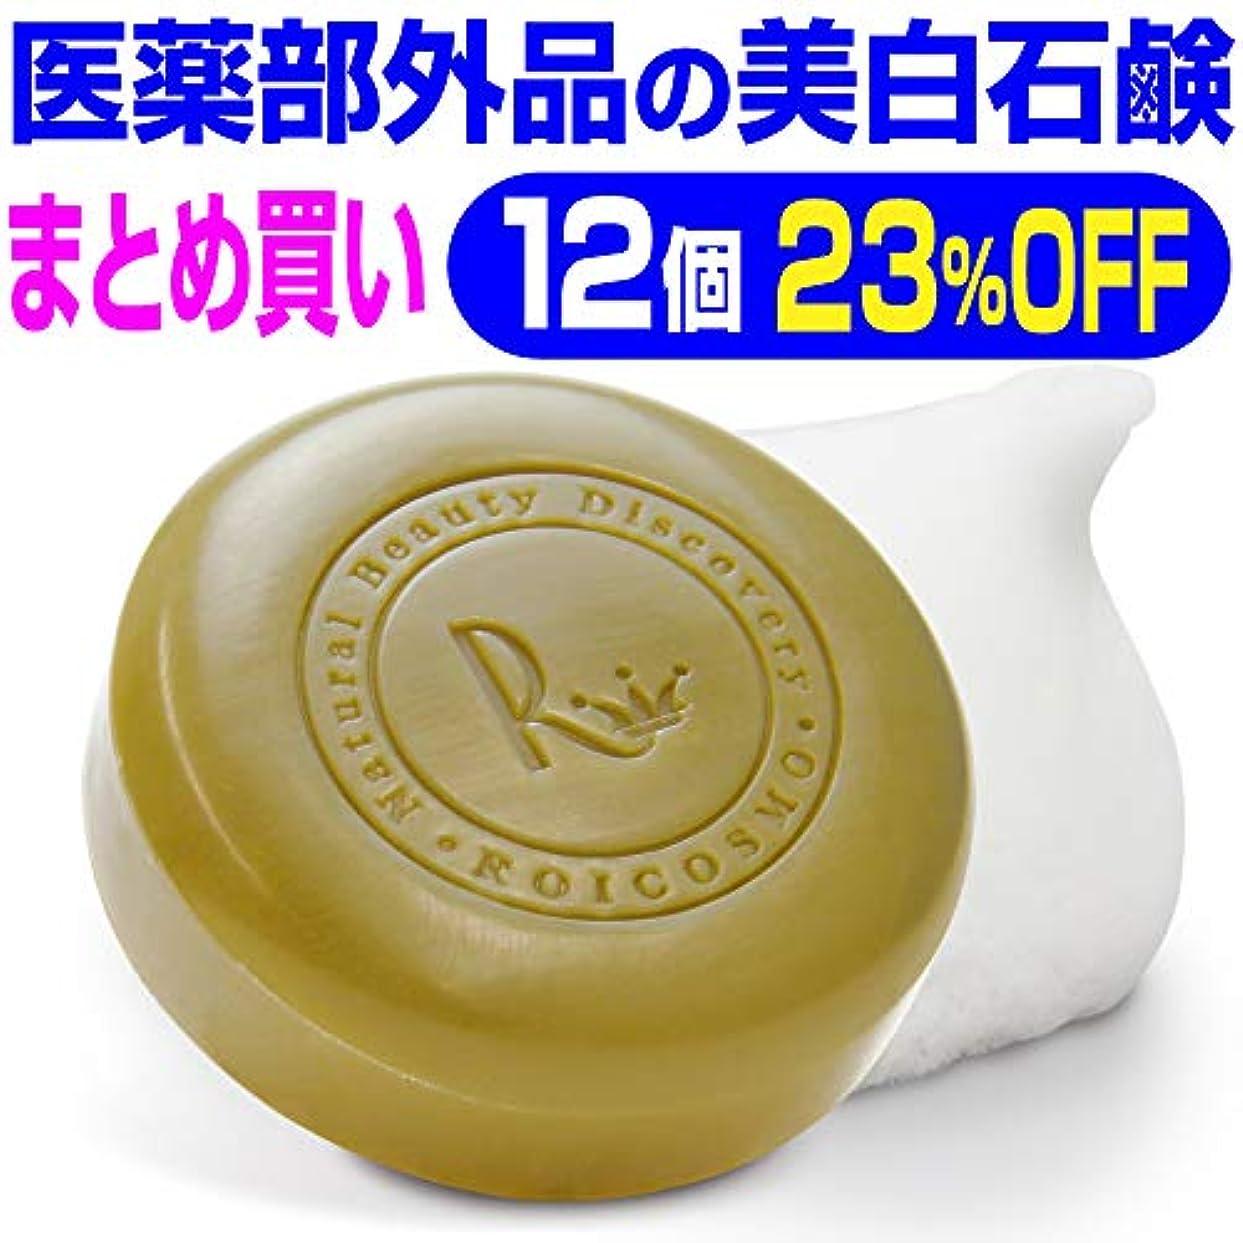 レンズ噂部門12個まとめ買い23%OFF 美白石鹸/ビタミンC270倍の美白成分配合の 洗顔石鹸『ホワイトソープ100g×12個』